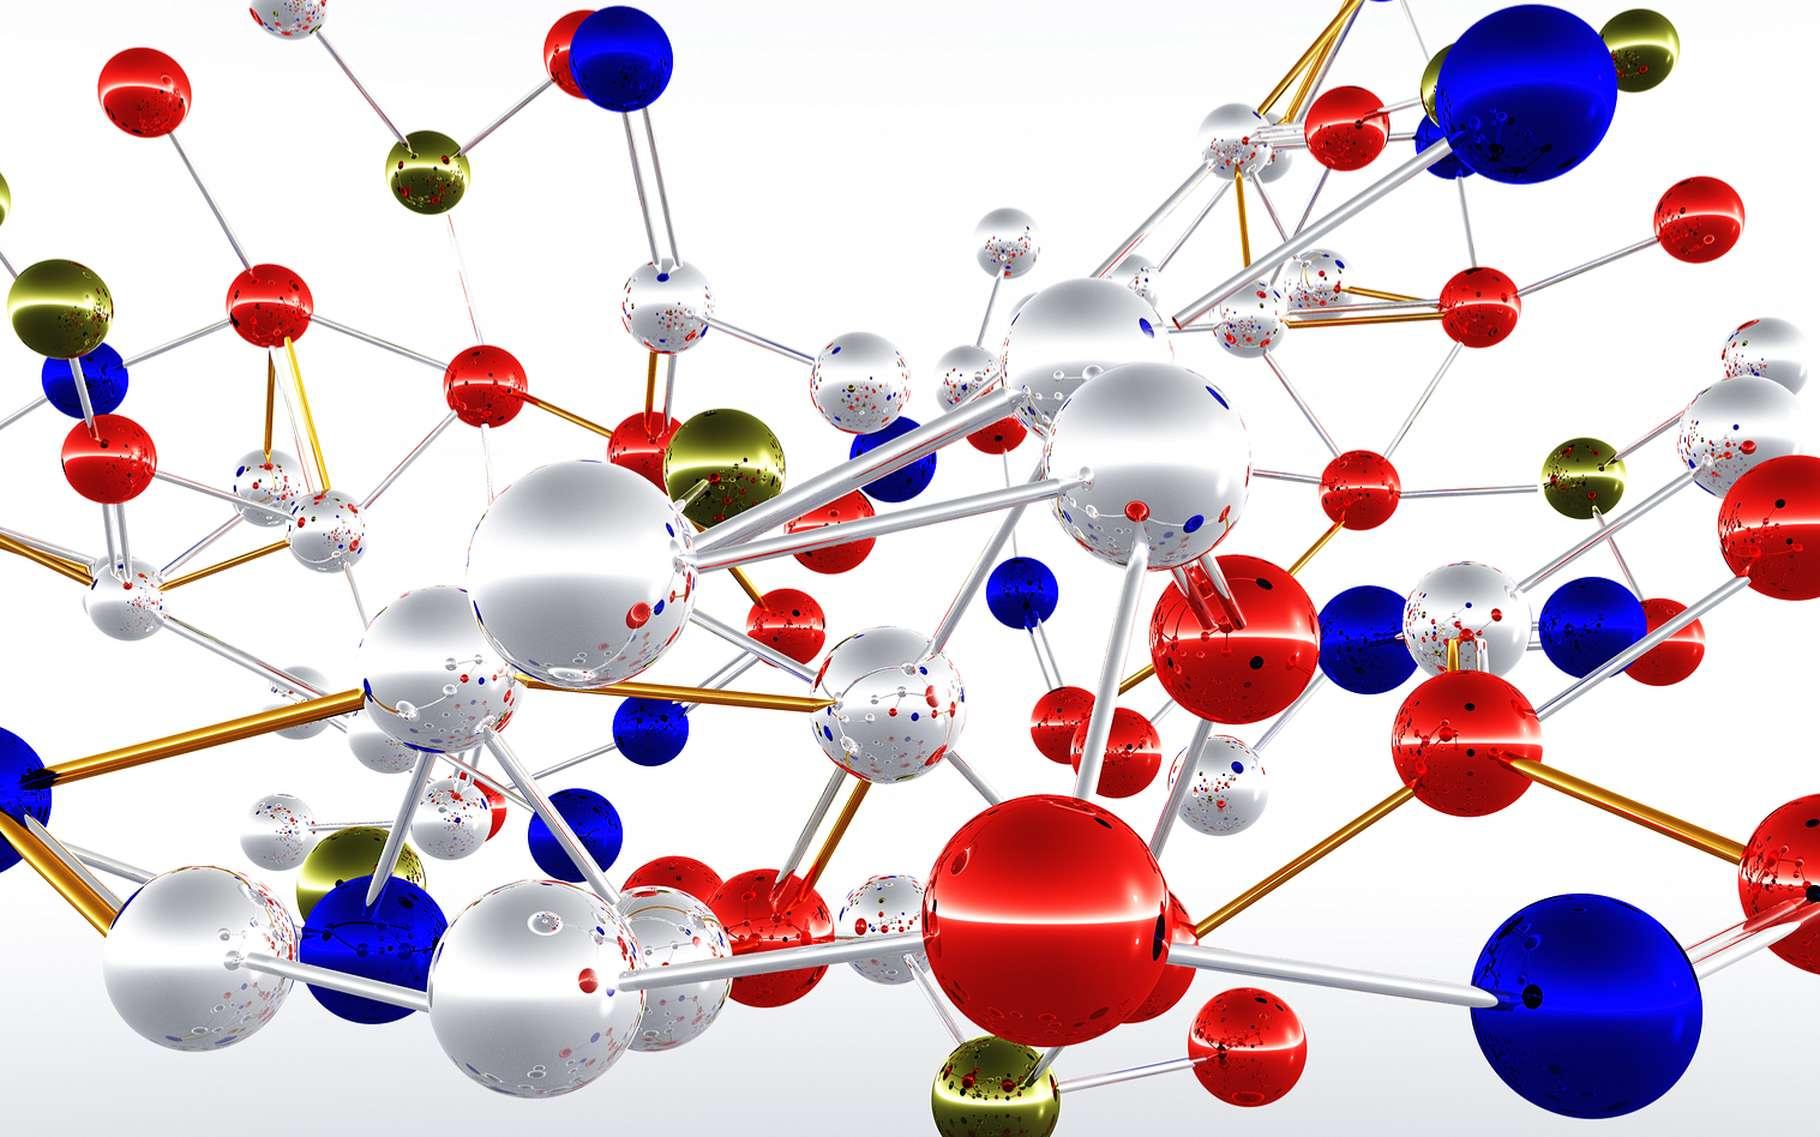 Sur cette représentation, les sphères figurent des atomes et les barres qui les relient, autant de liaisons covalentes. © boscorelli, Shutterstock